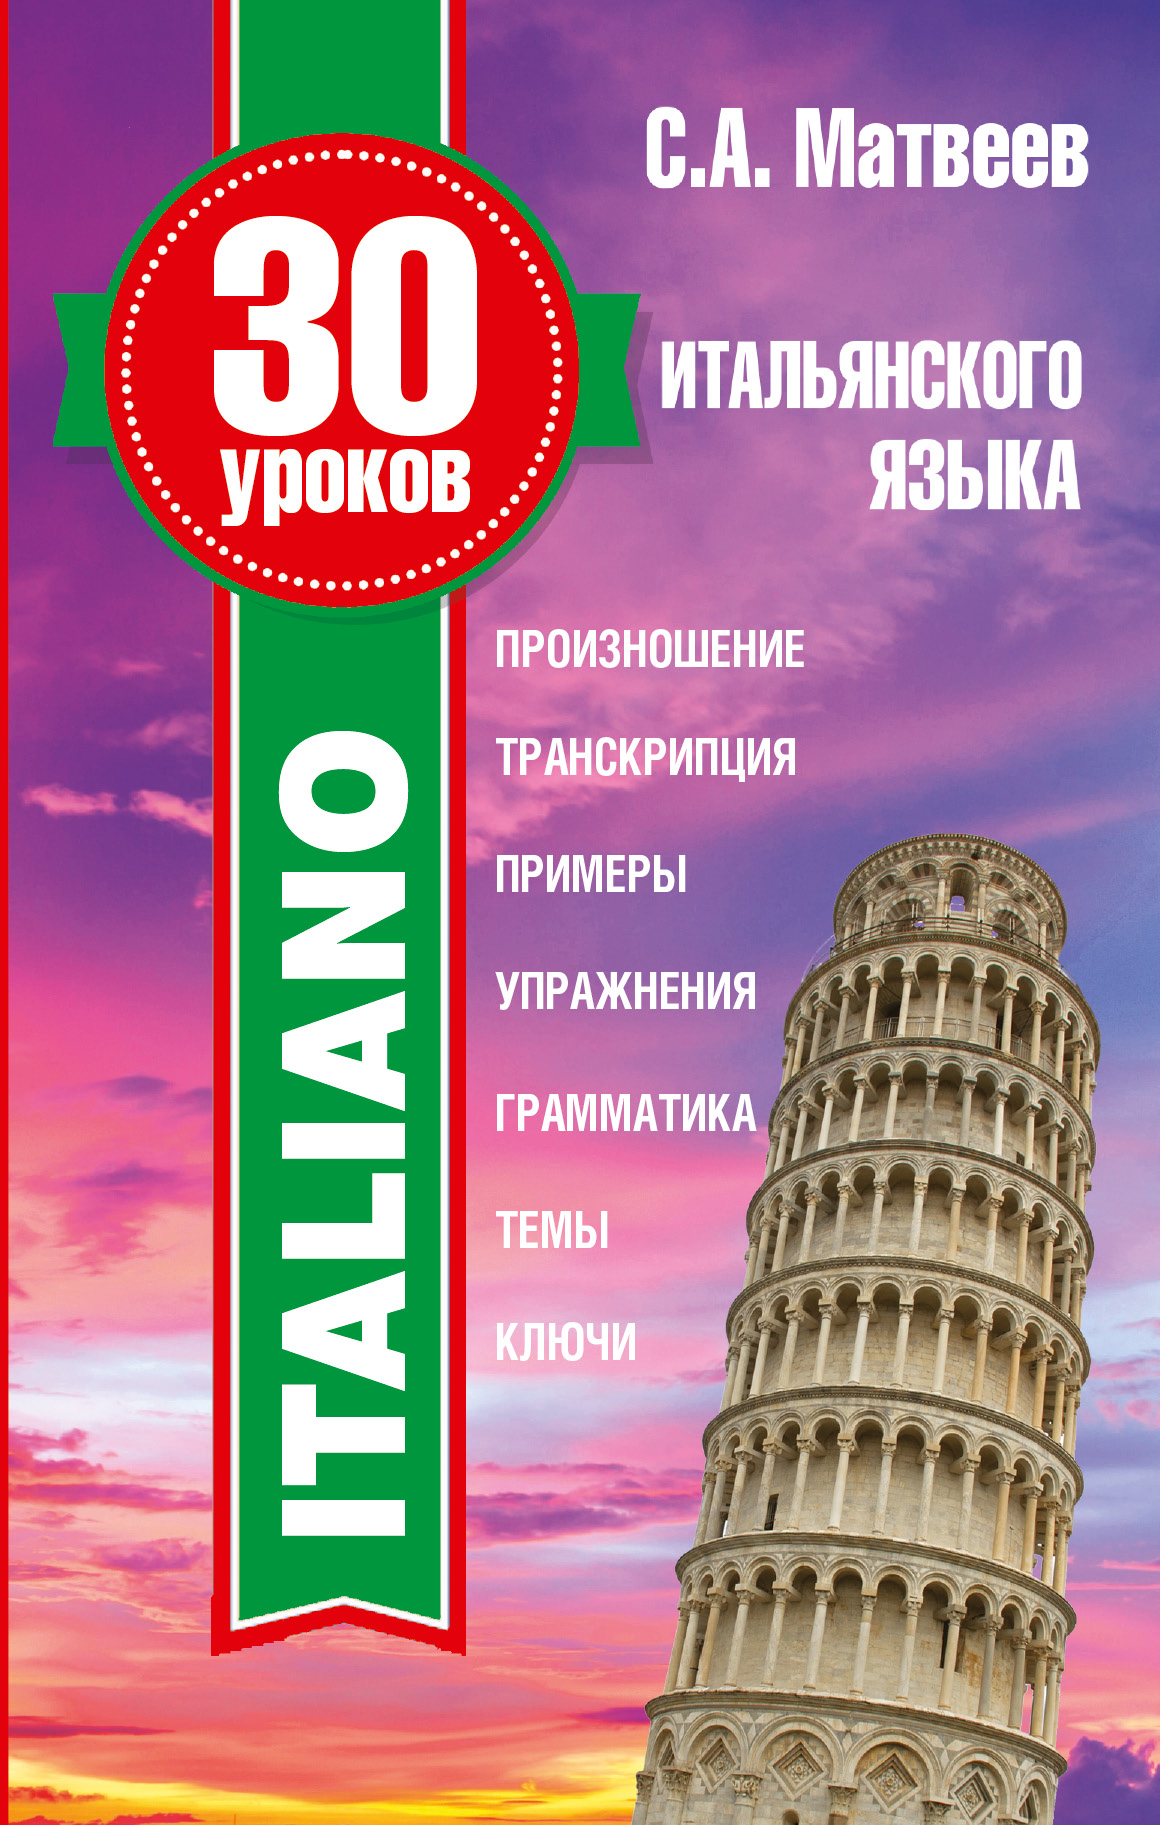 30 уроков итальянского языка